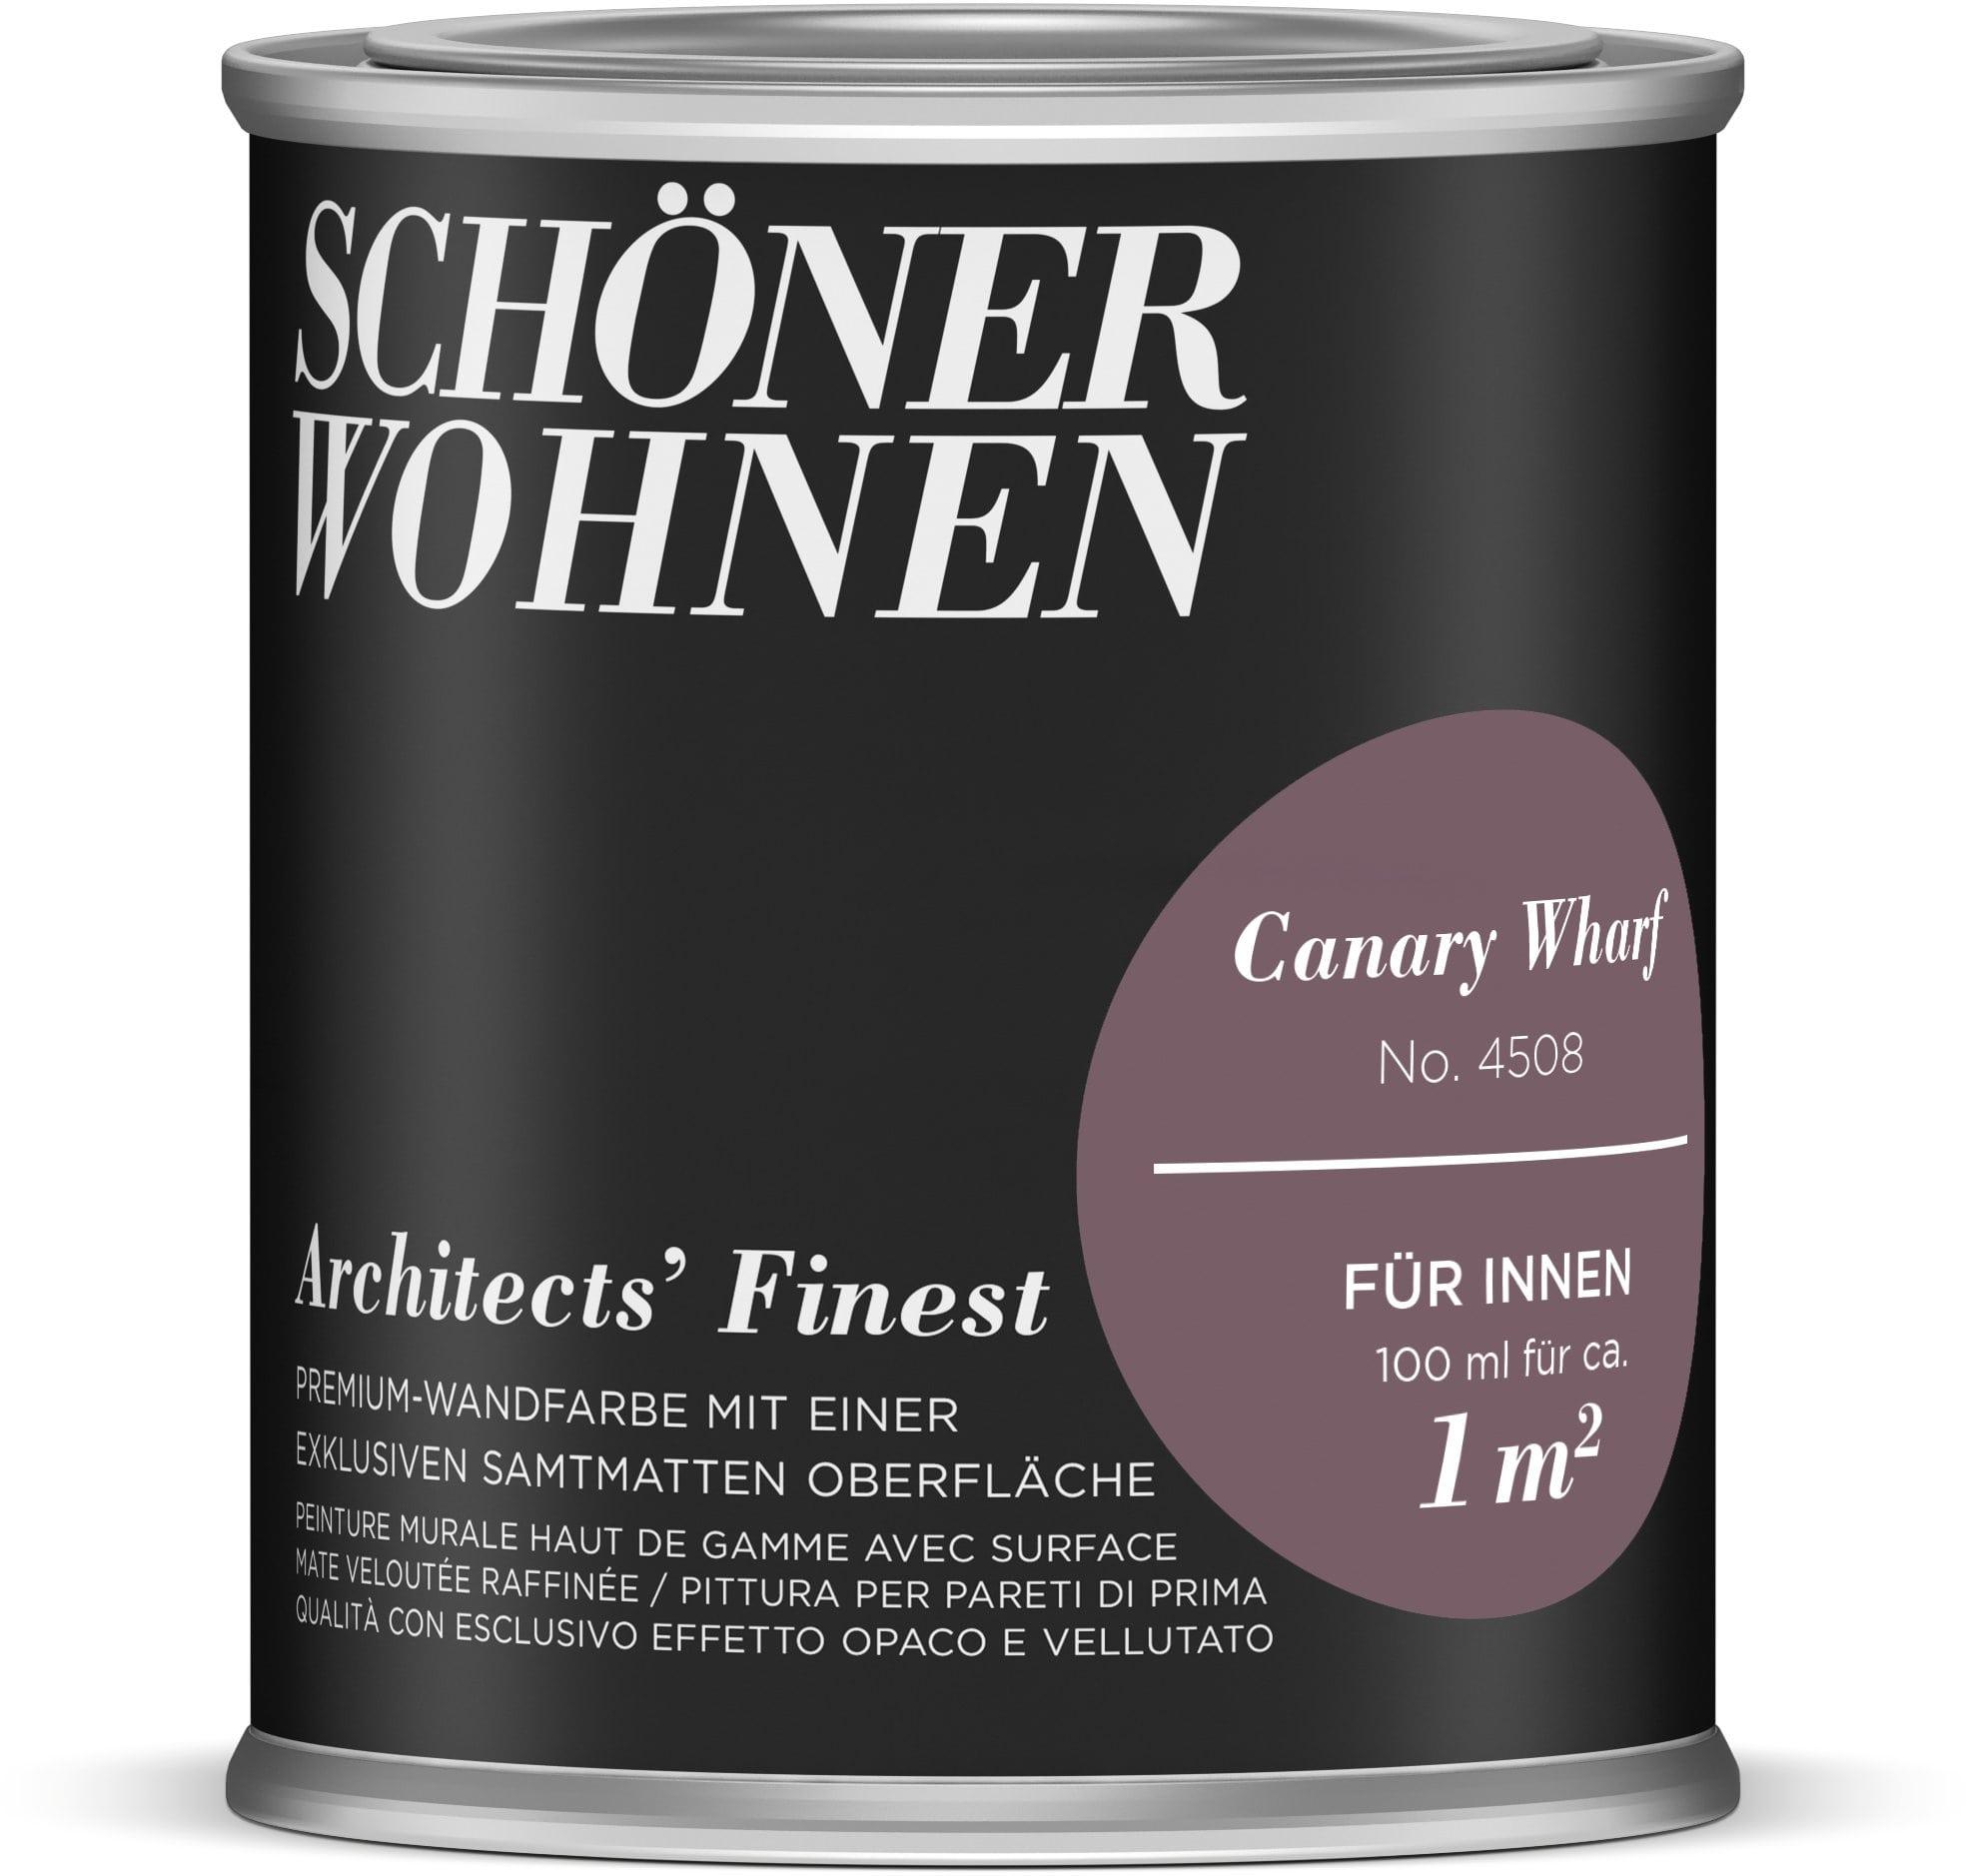 Schöner Wohnen Architects' Finest Canary Wharf 100 ml